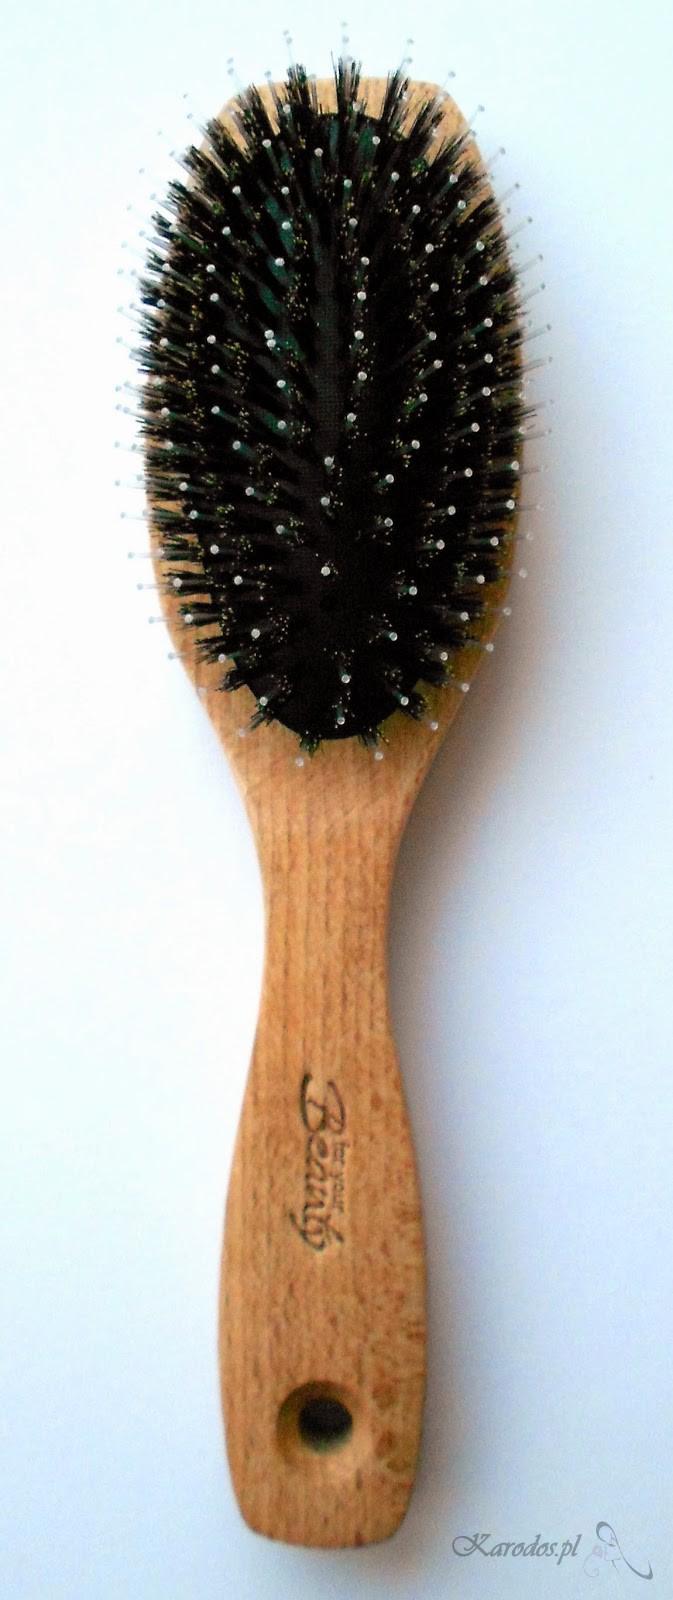 Rossmann, For Your Beauty, Glanz Styling - Szczotka do włosów z naturalnego włosia